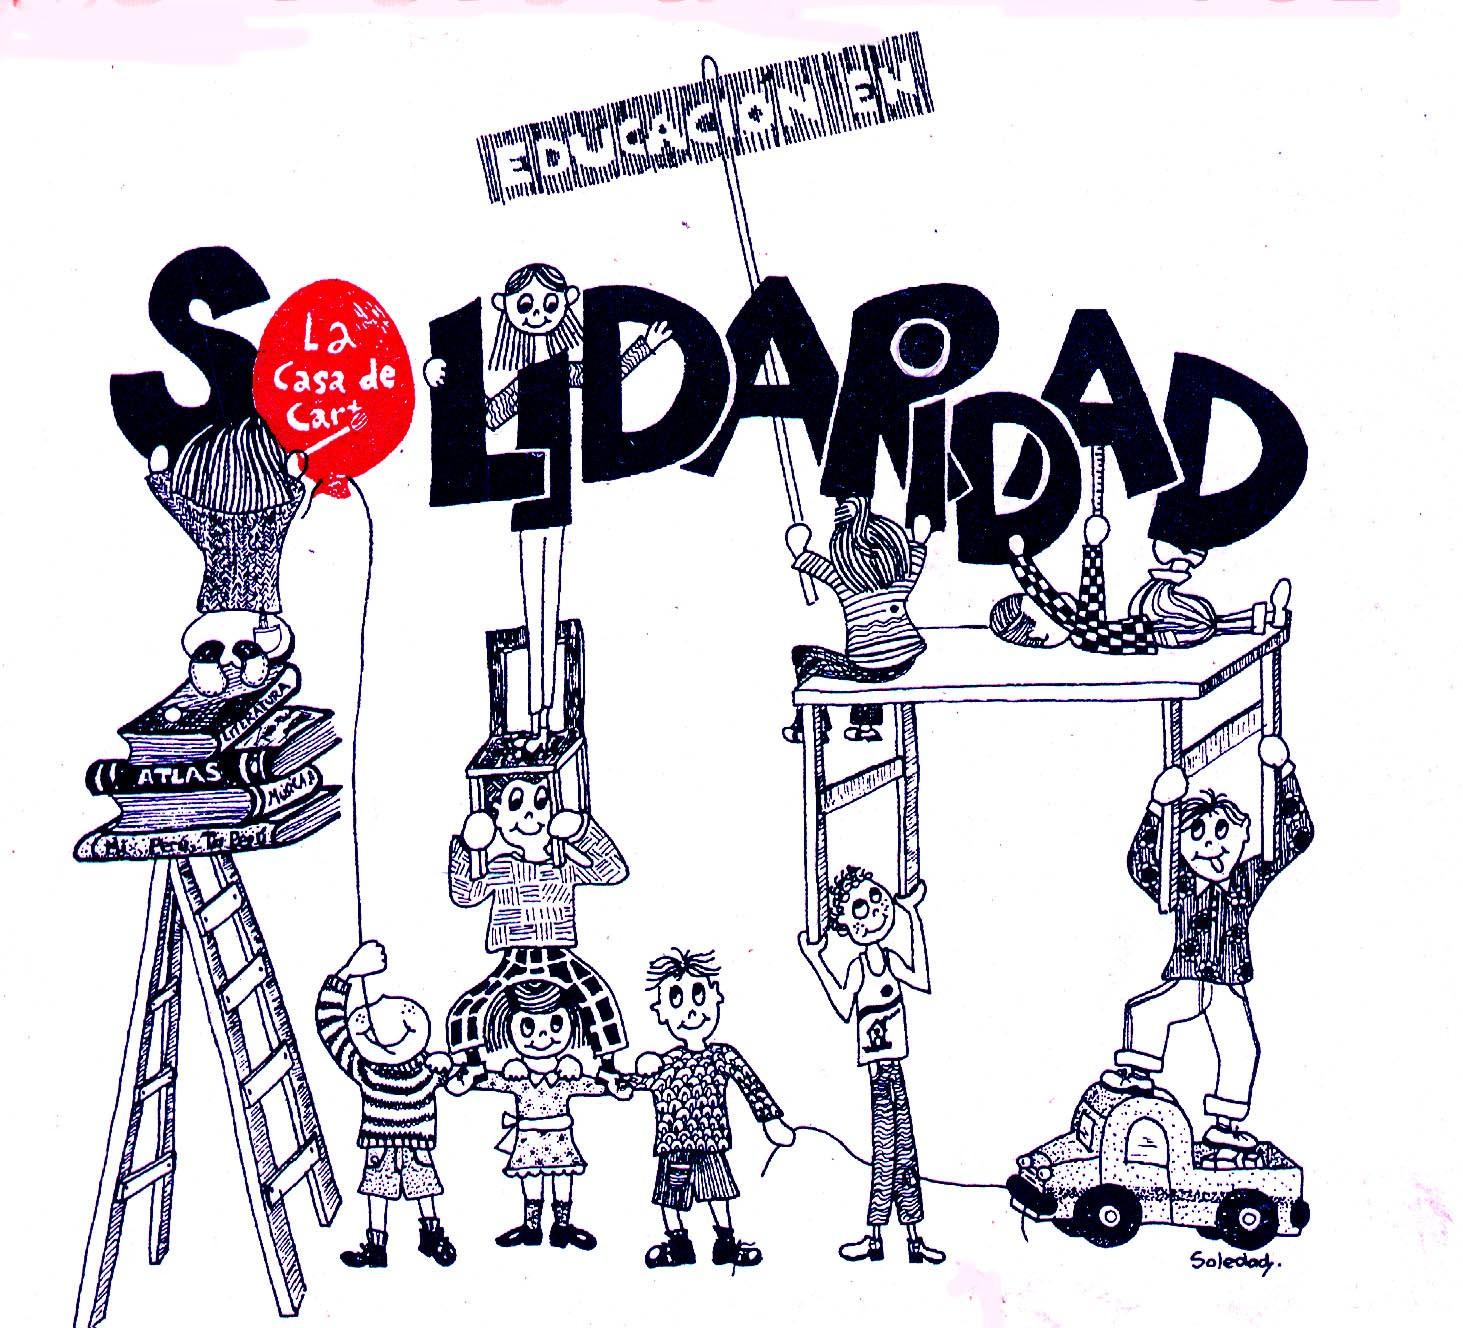 Asesora Escolar Easycard 20 De Diciembre Da